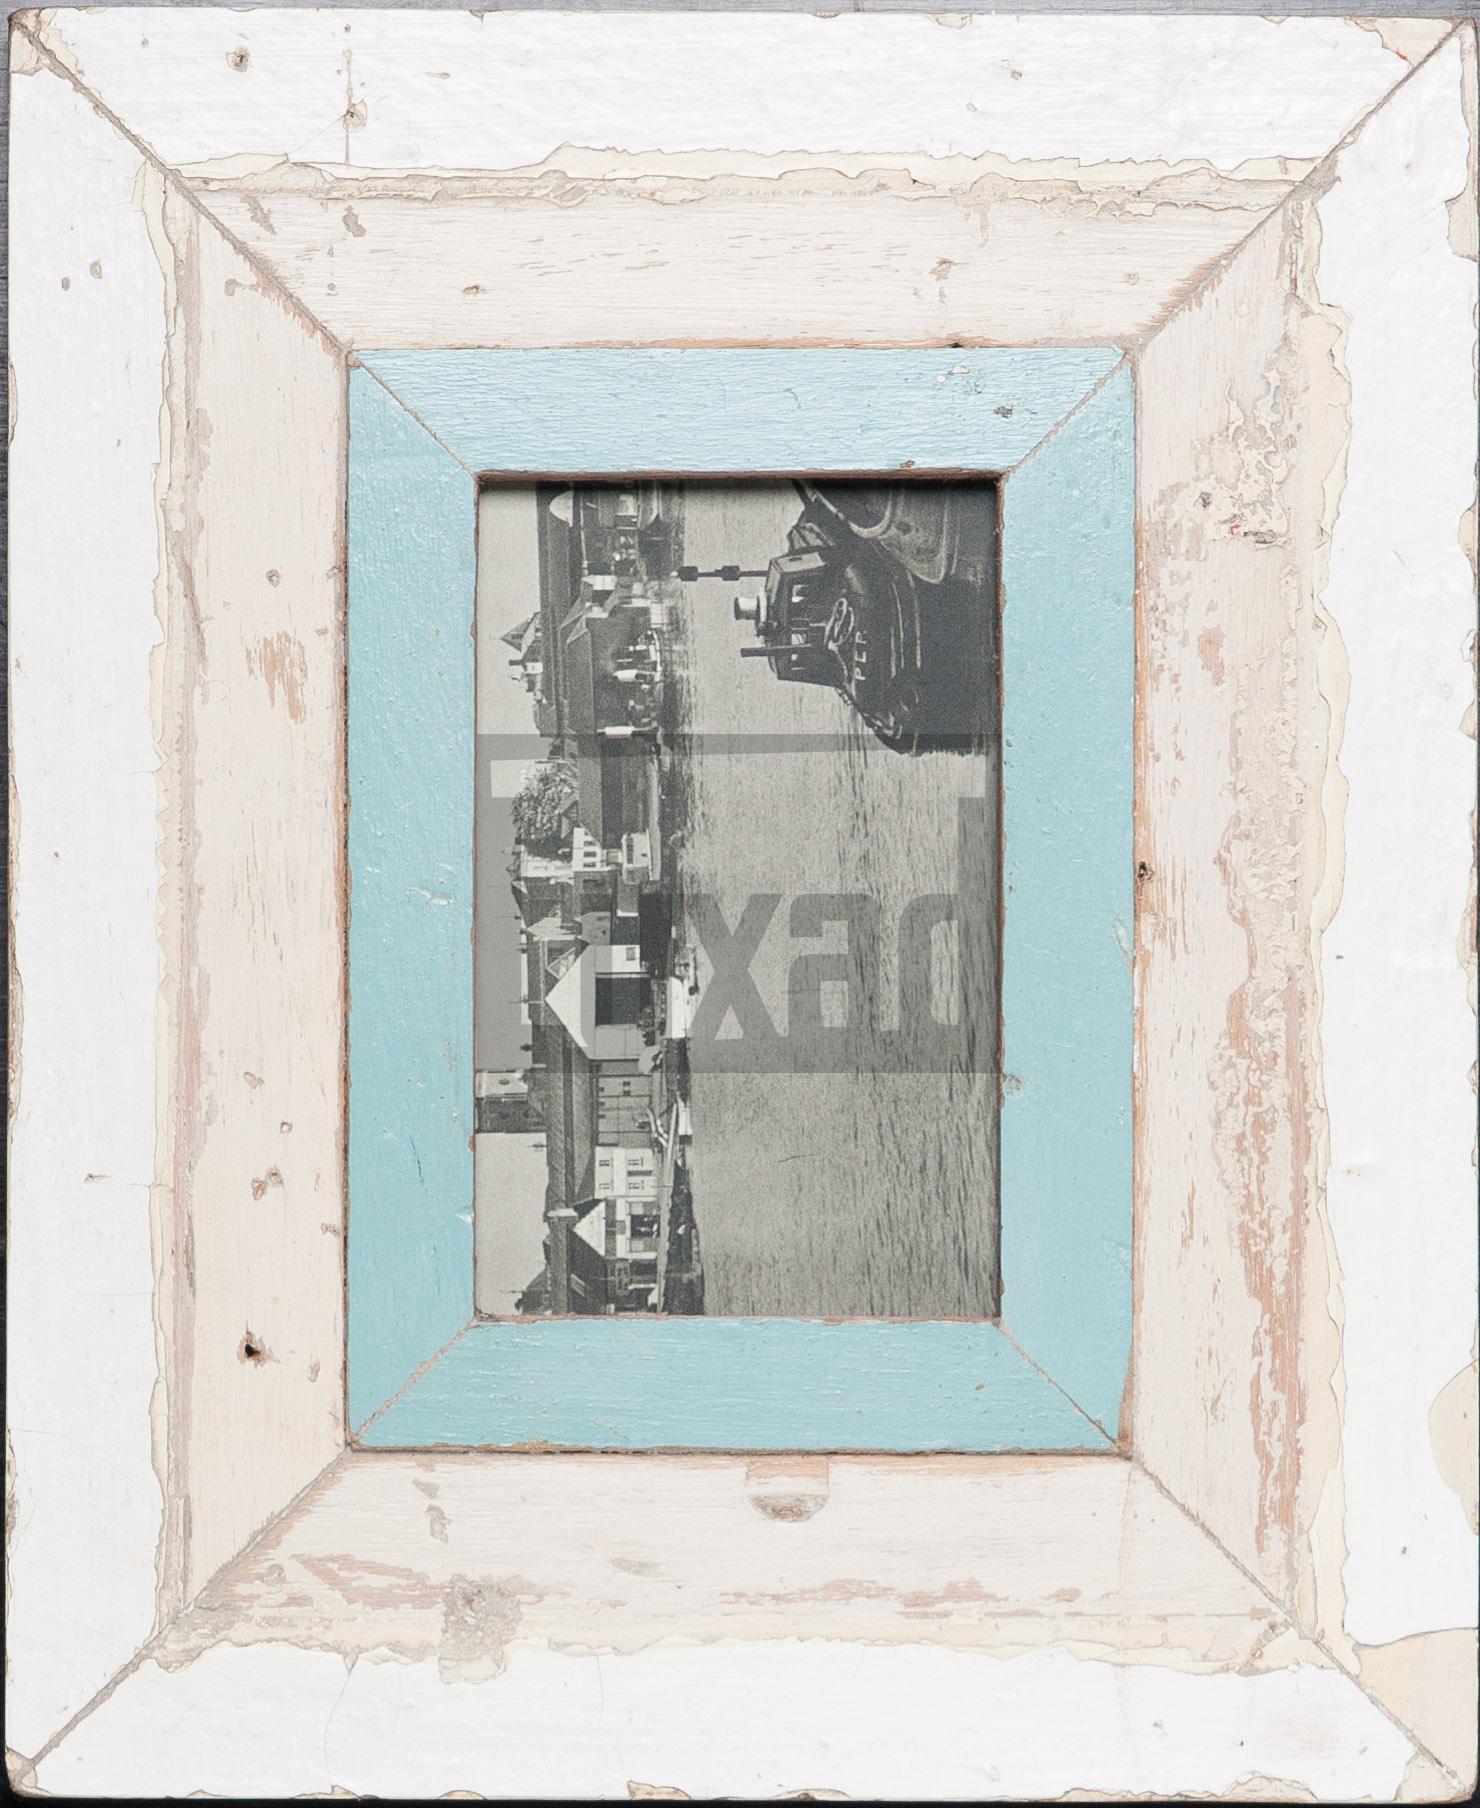 Vintage-Bilderrahmen für kleine Fotos